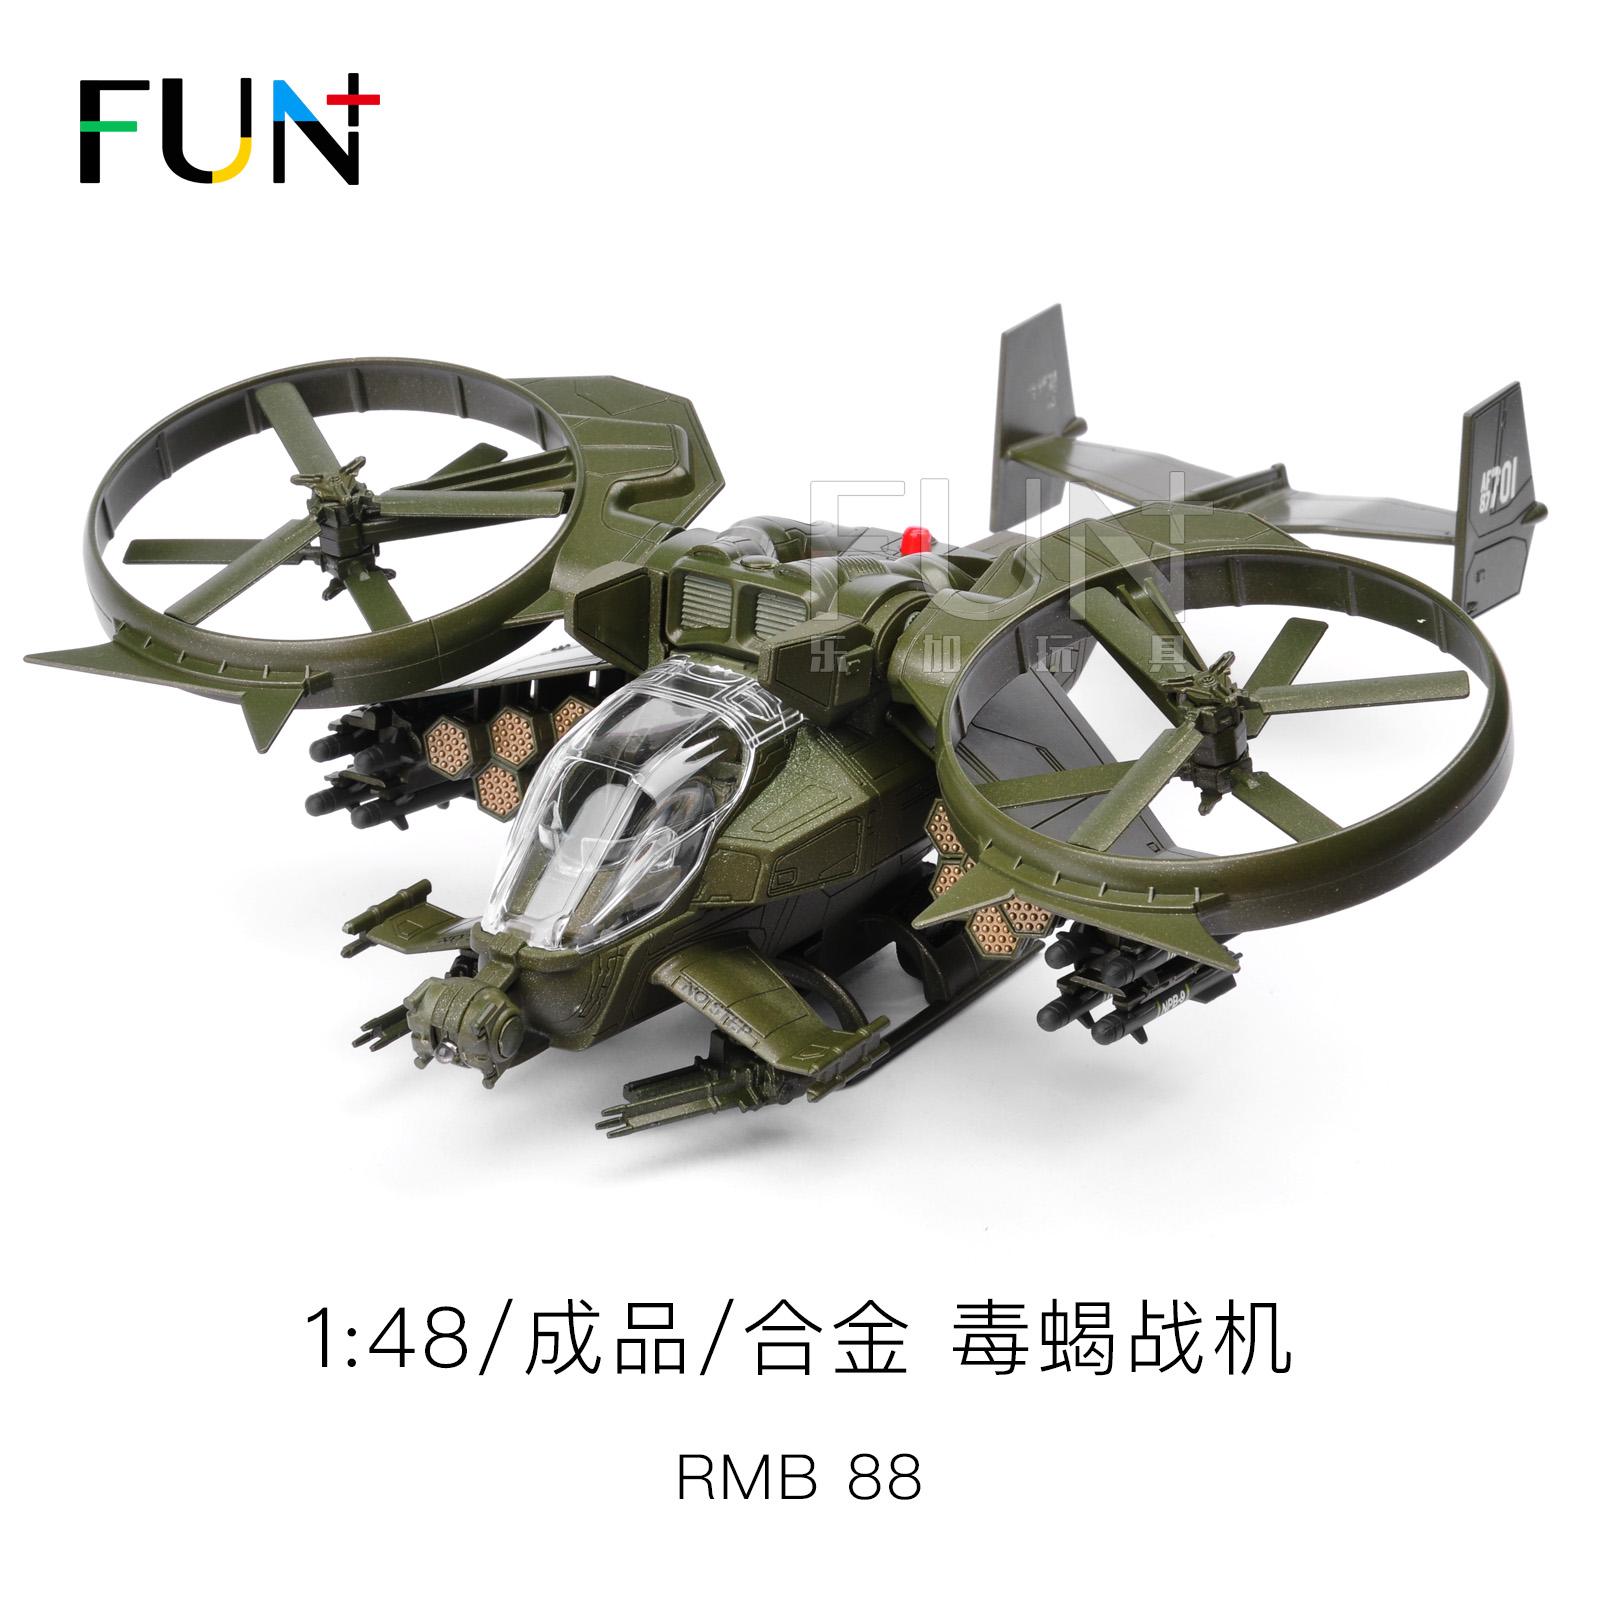 阿凡达毒蝎直升机航模合金战斗飞机模型仿真军事儿童玩具摆件礼品